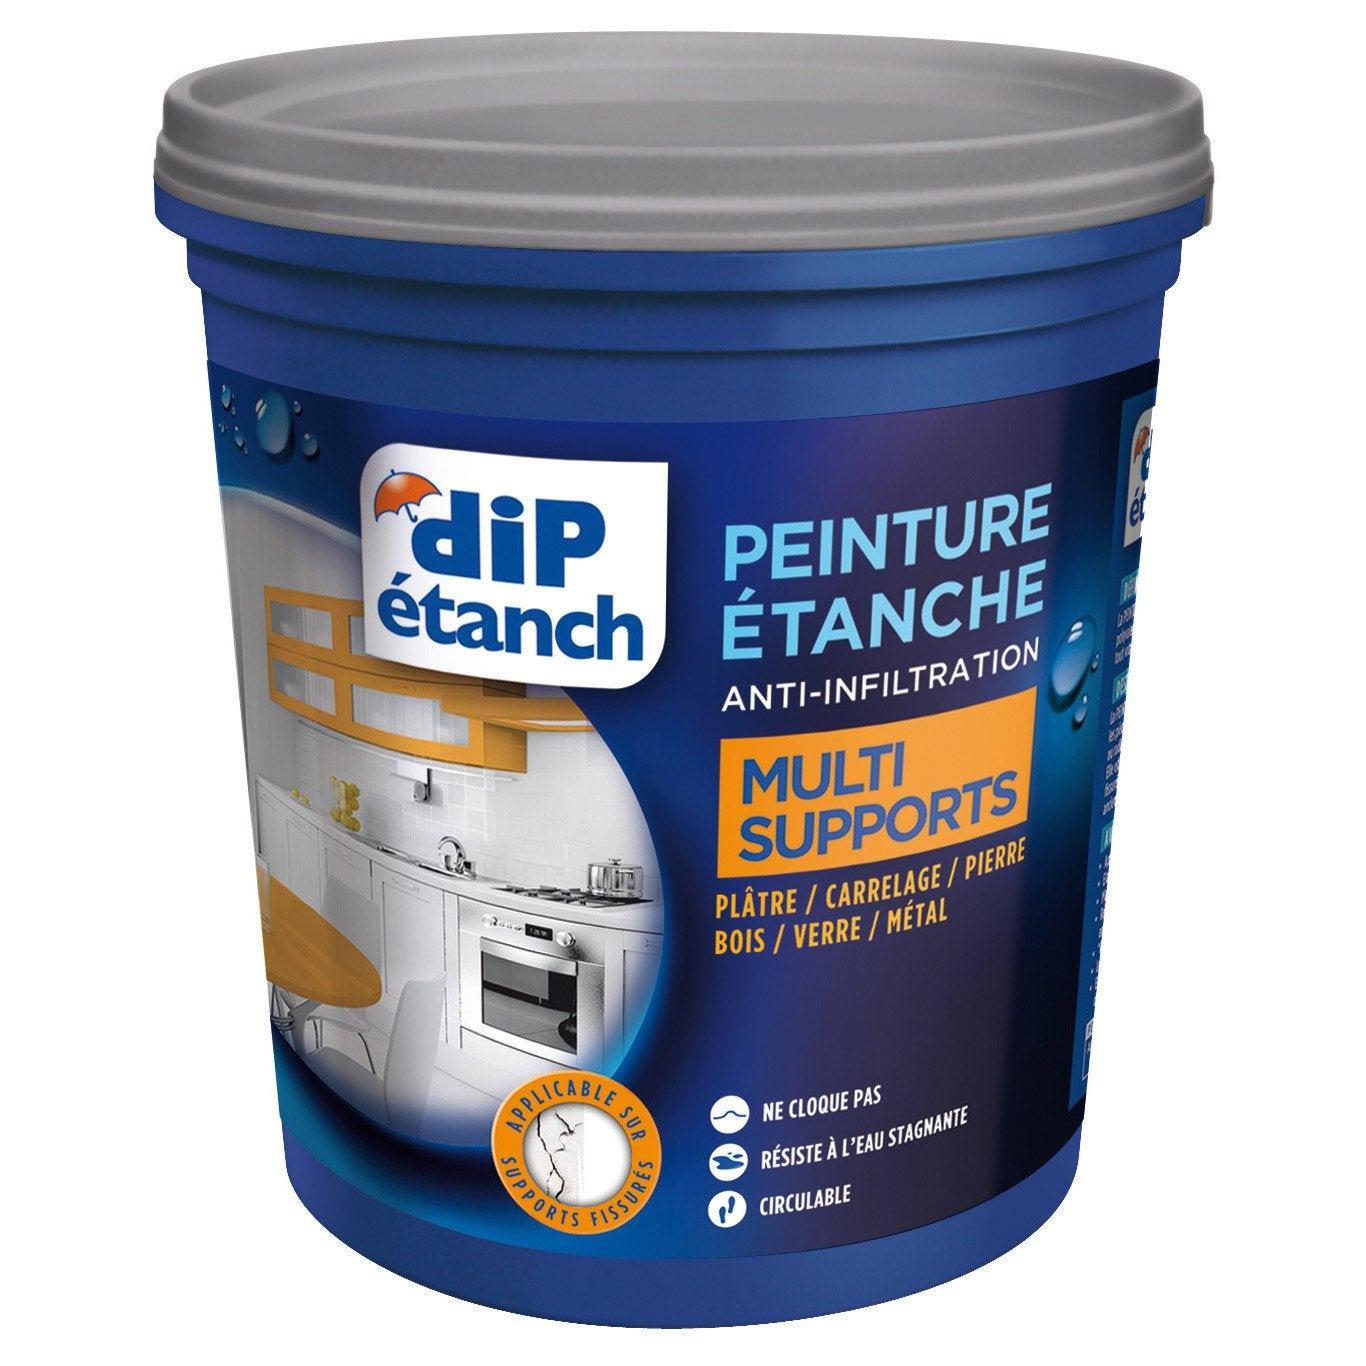 Peinture étanche Multi supports, DIP blanc 0.75 l | Leroy Merlin